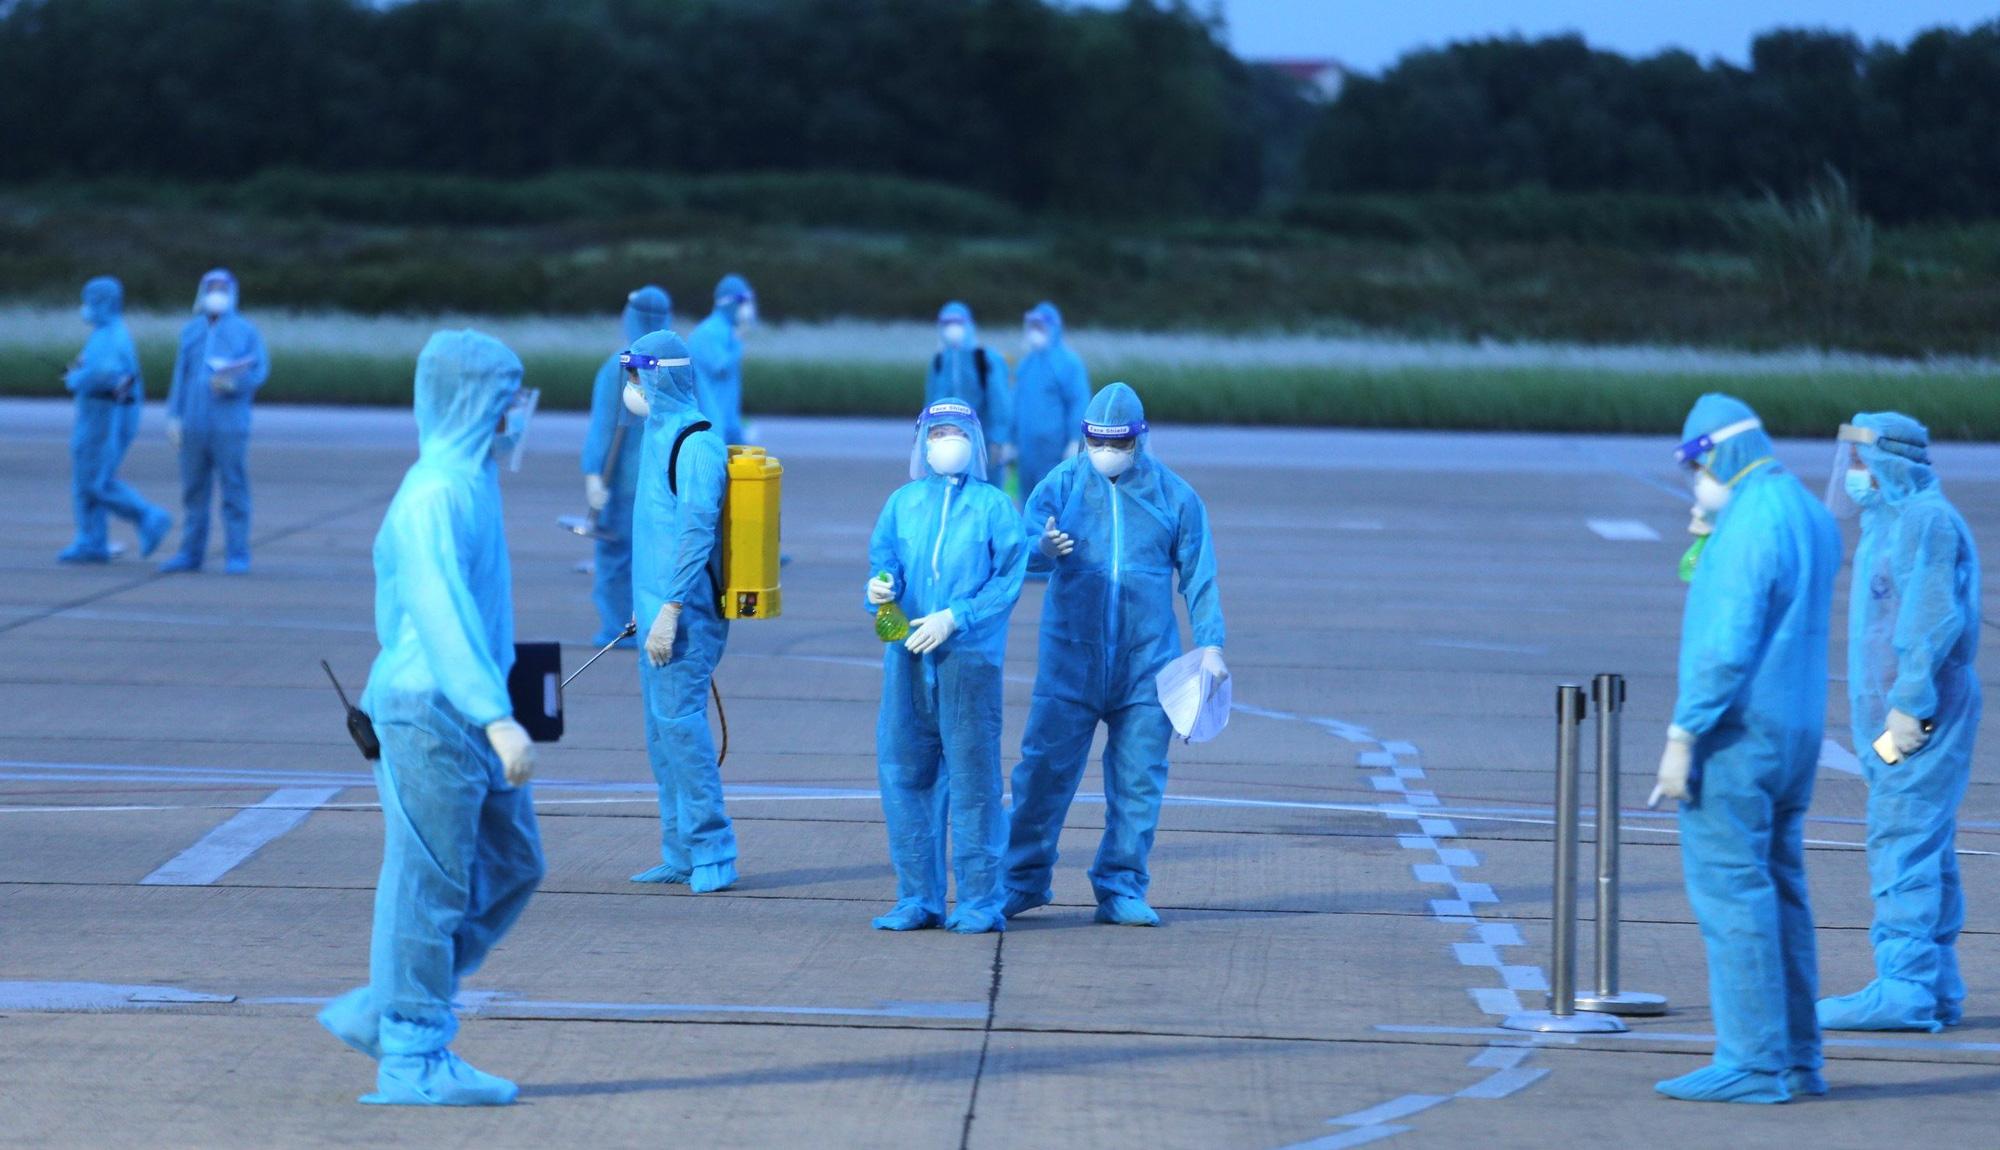 Chuyến bay miễn phí đầu tiên chở hơn 200 công dân từ miền Nam về Nghệ An - Ảnh 2.